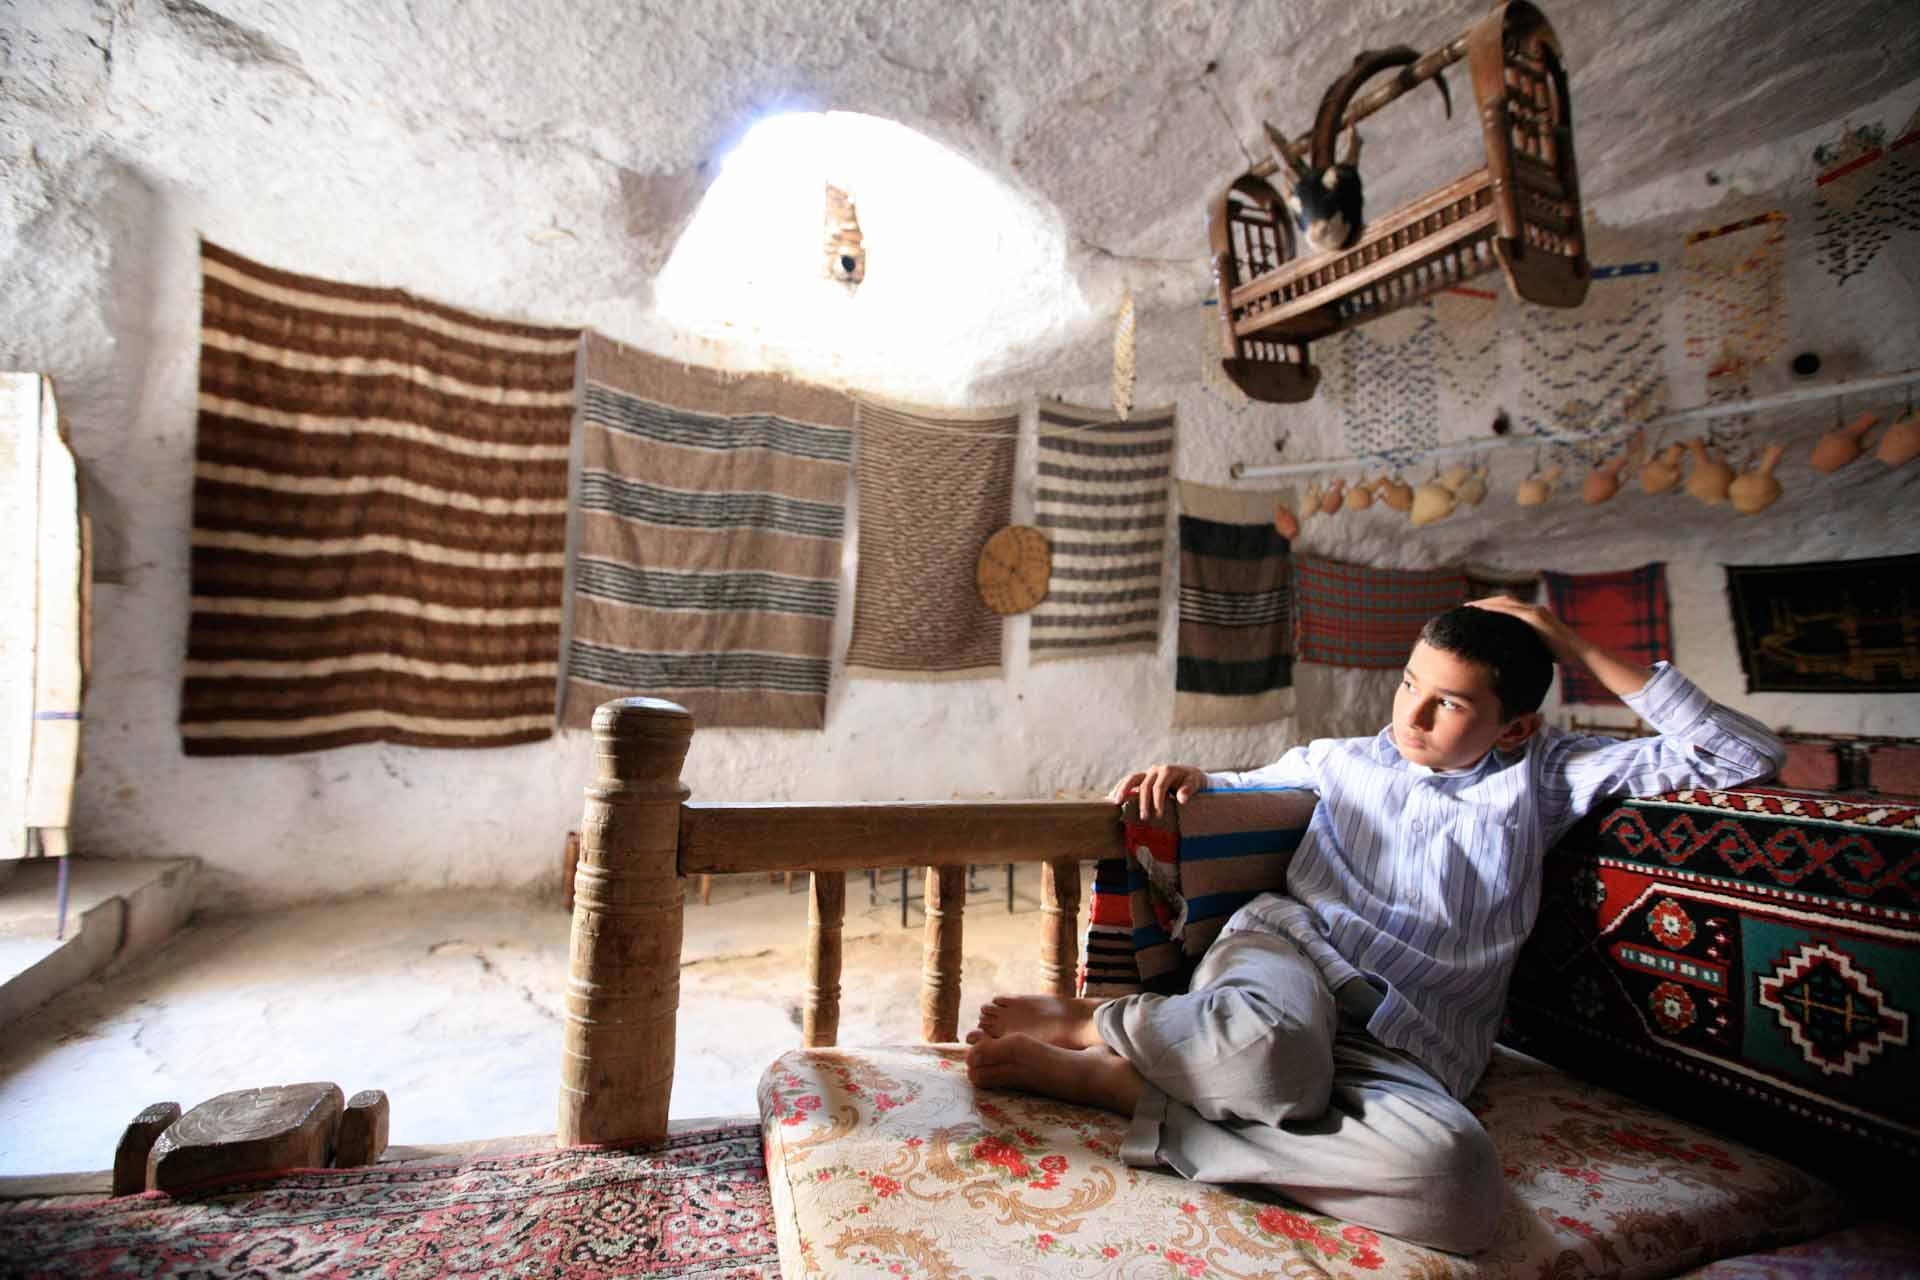 Jahrtausendelang lebten die Menschen der heute durch das Ilisu-Staudamm-Projekt bedrohten Stadt Hasankeyf in Höhlen wie dieser...